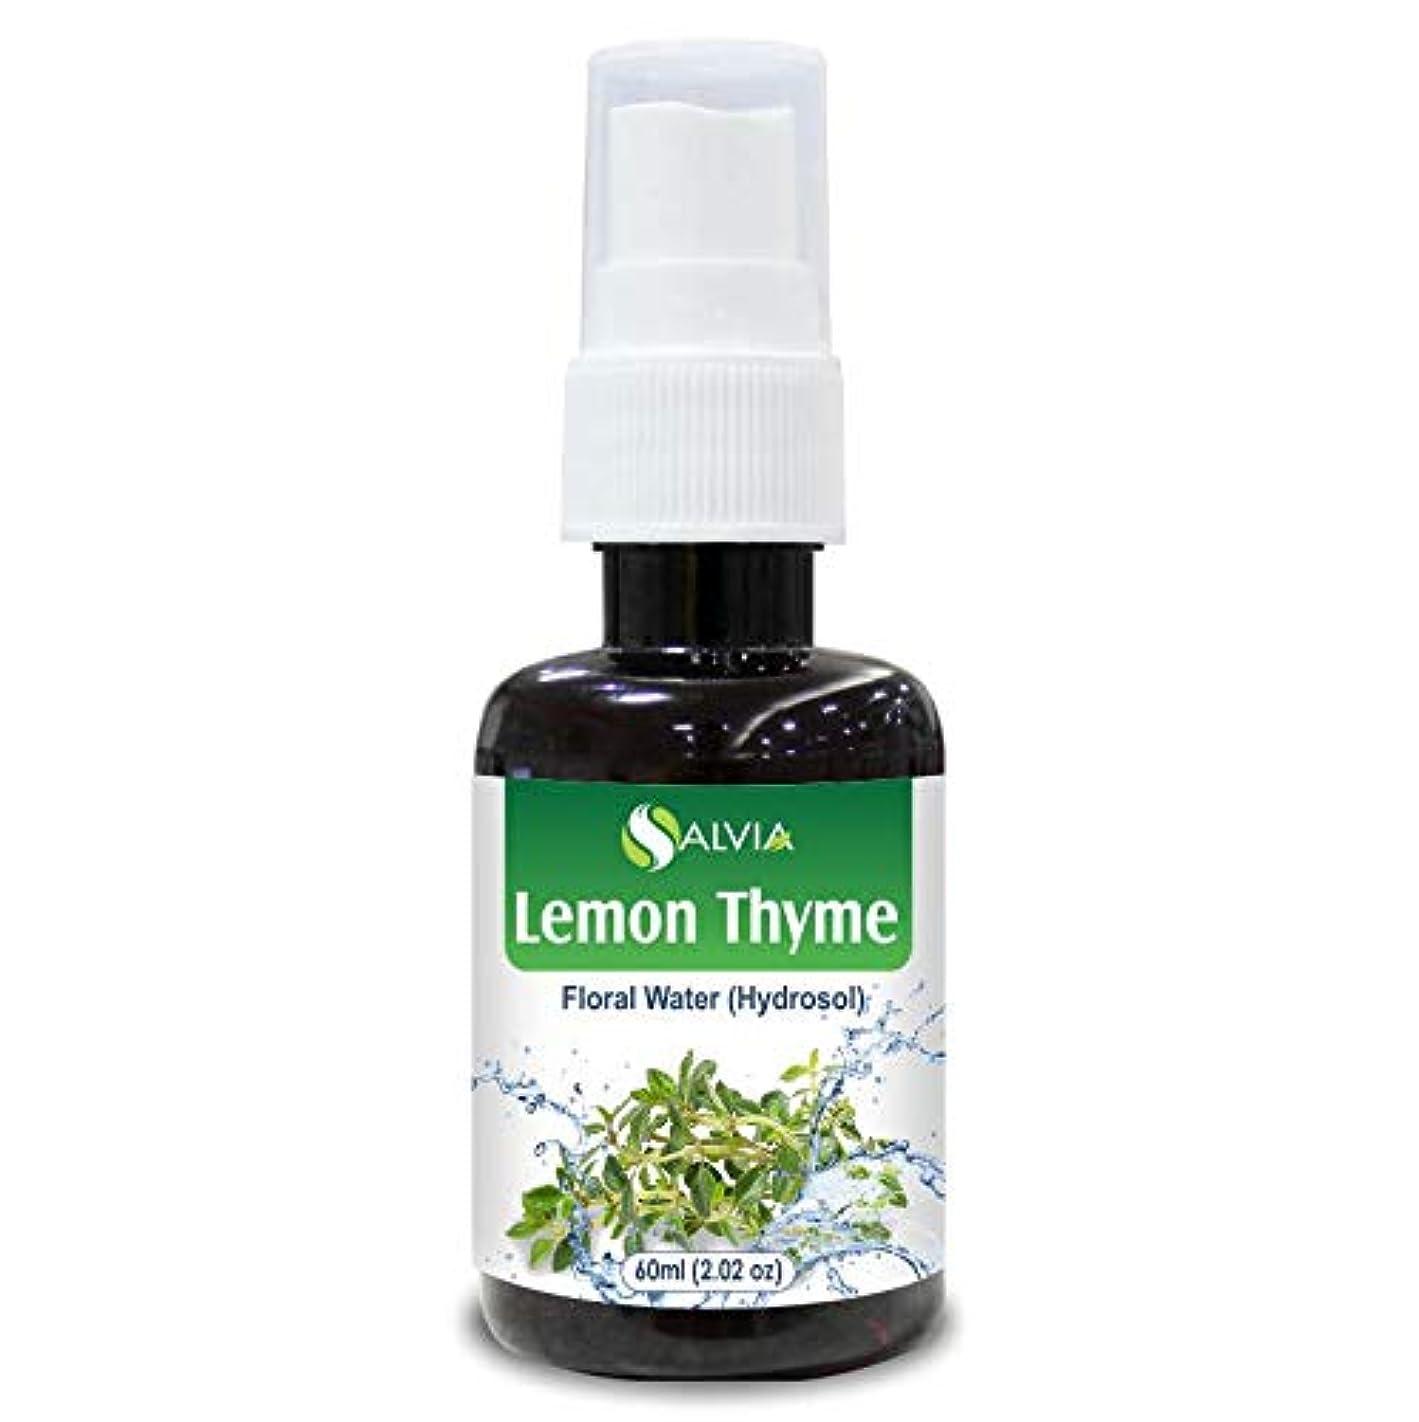 強制的警戒カバーLemon Thyme Floral Water 60ml (Hydrosol) 100% Pure And Natural